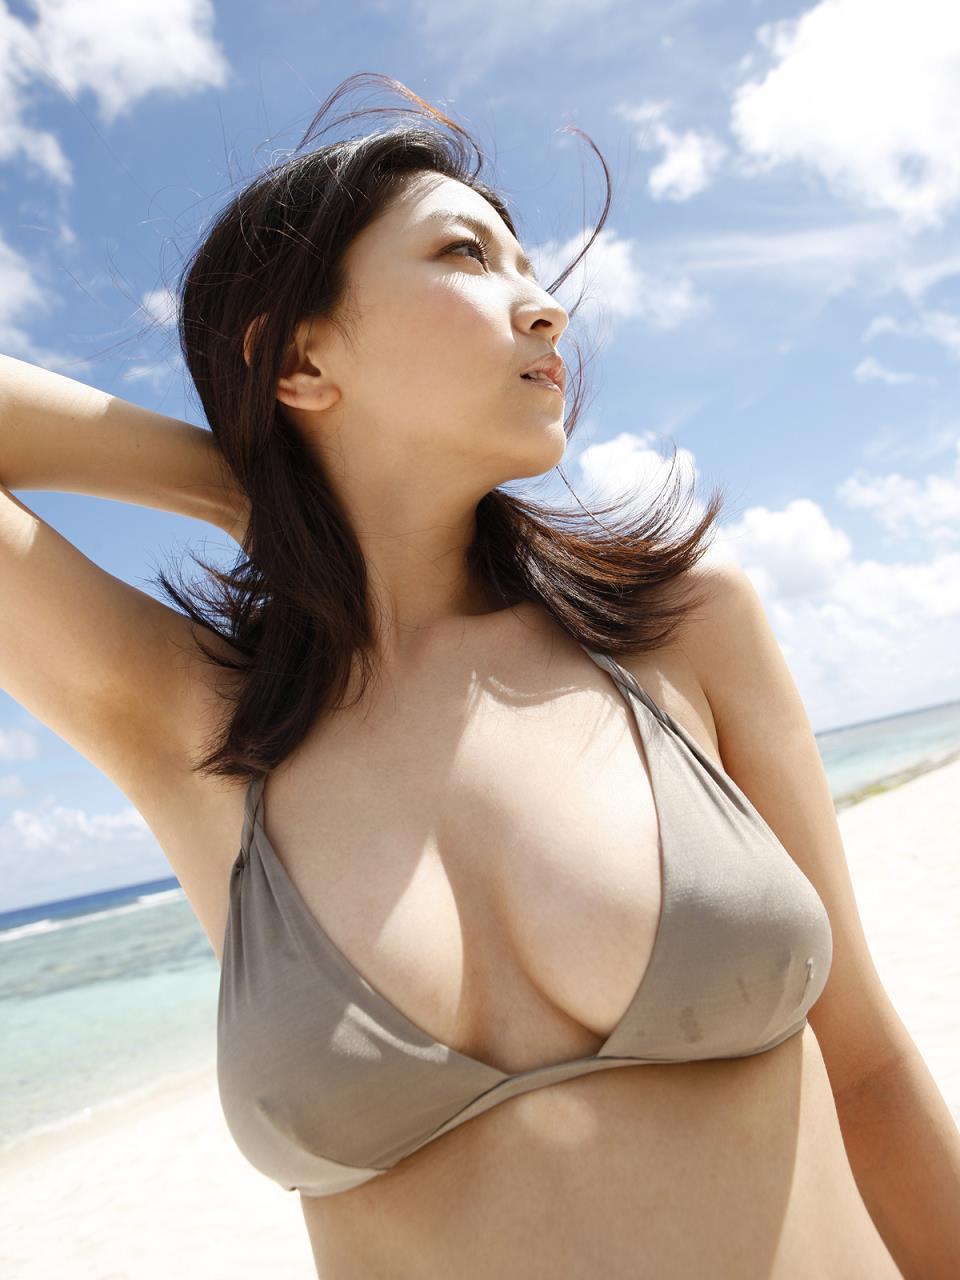 太陽の下でセクシーな平田裕香の画像♪